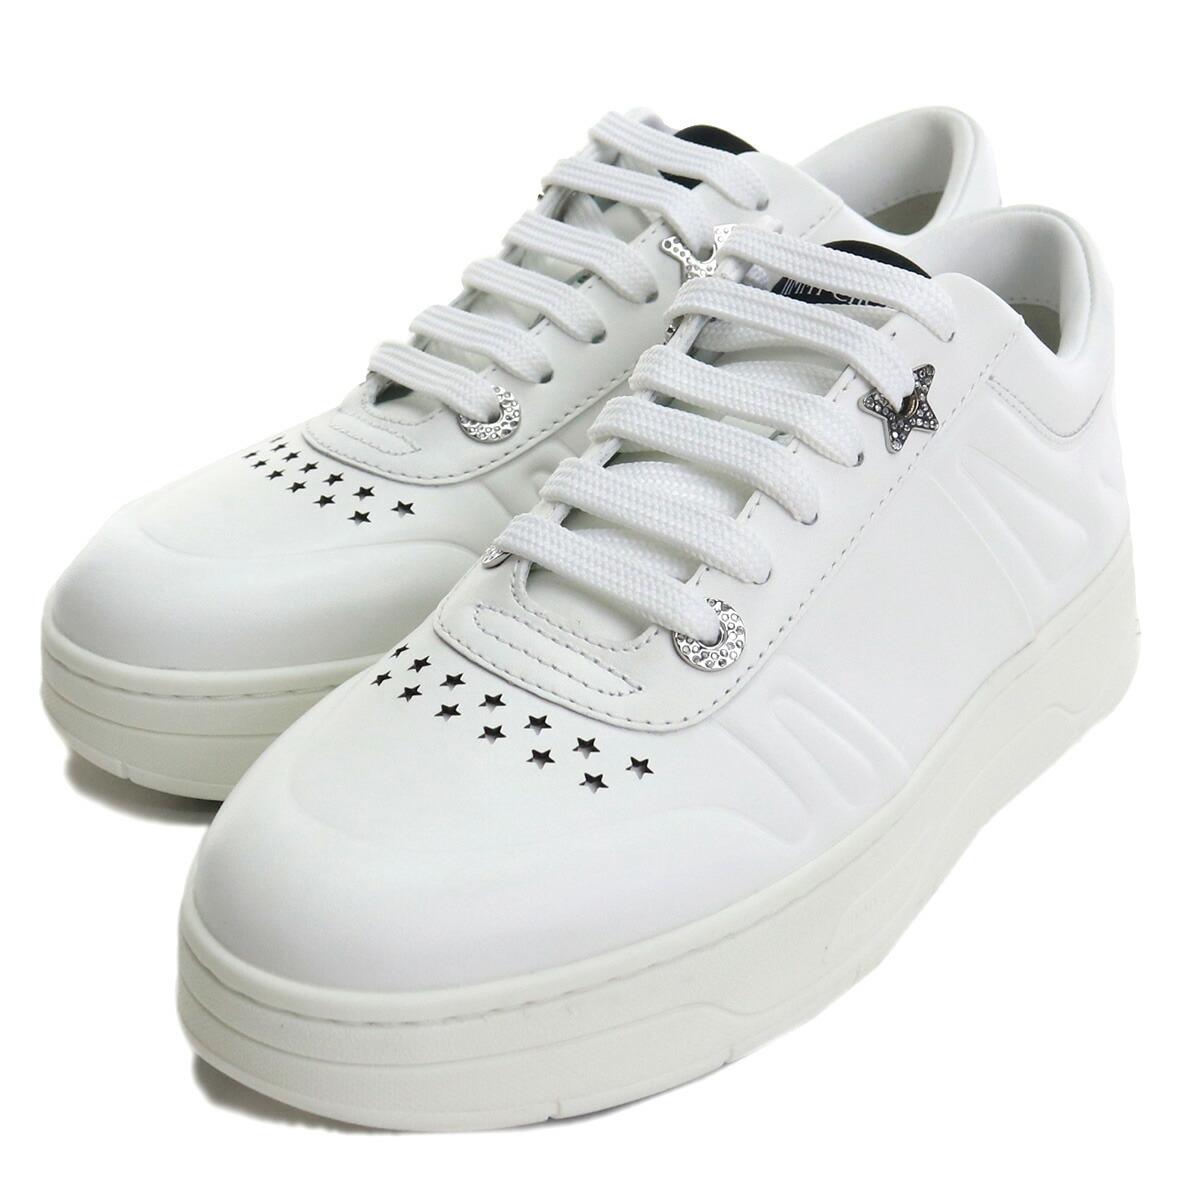 ジミーチュウ JIMMY CHOO レディーススニーカー HAWAII F CLF 193 X WHITE ホワイト系 bos-06 shoes-01 レディース